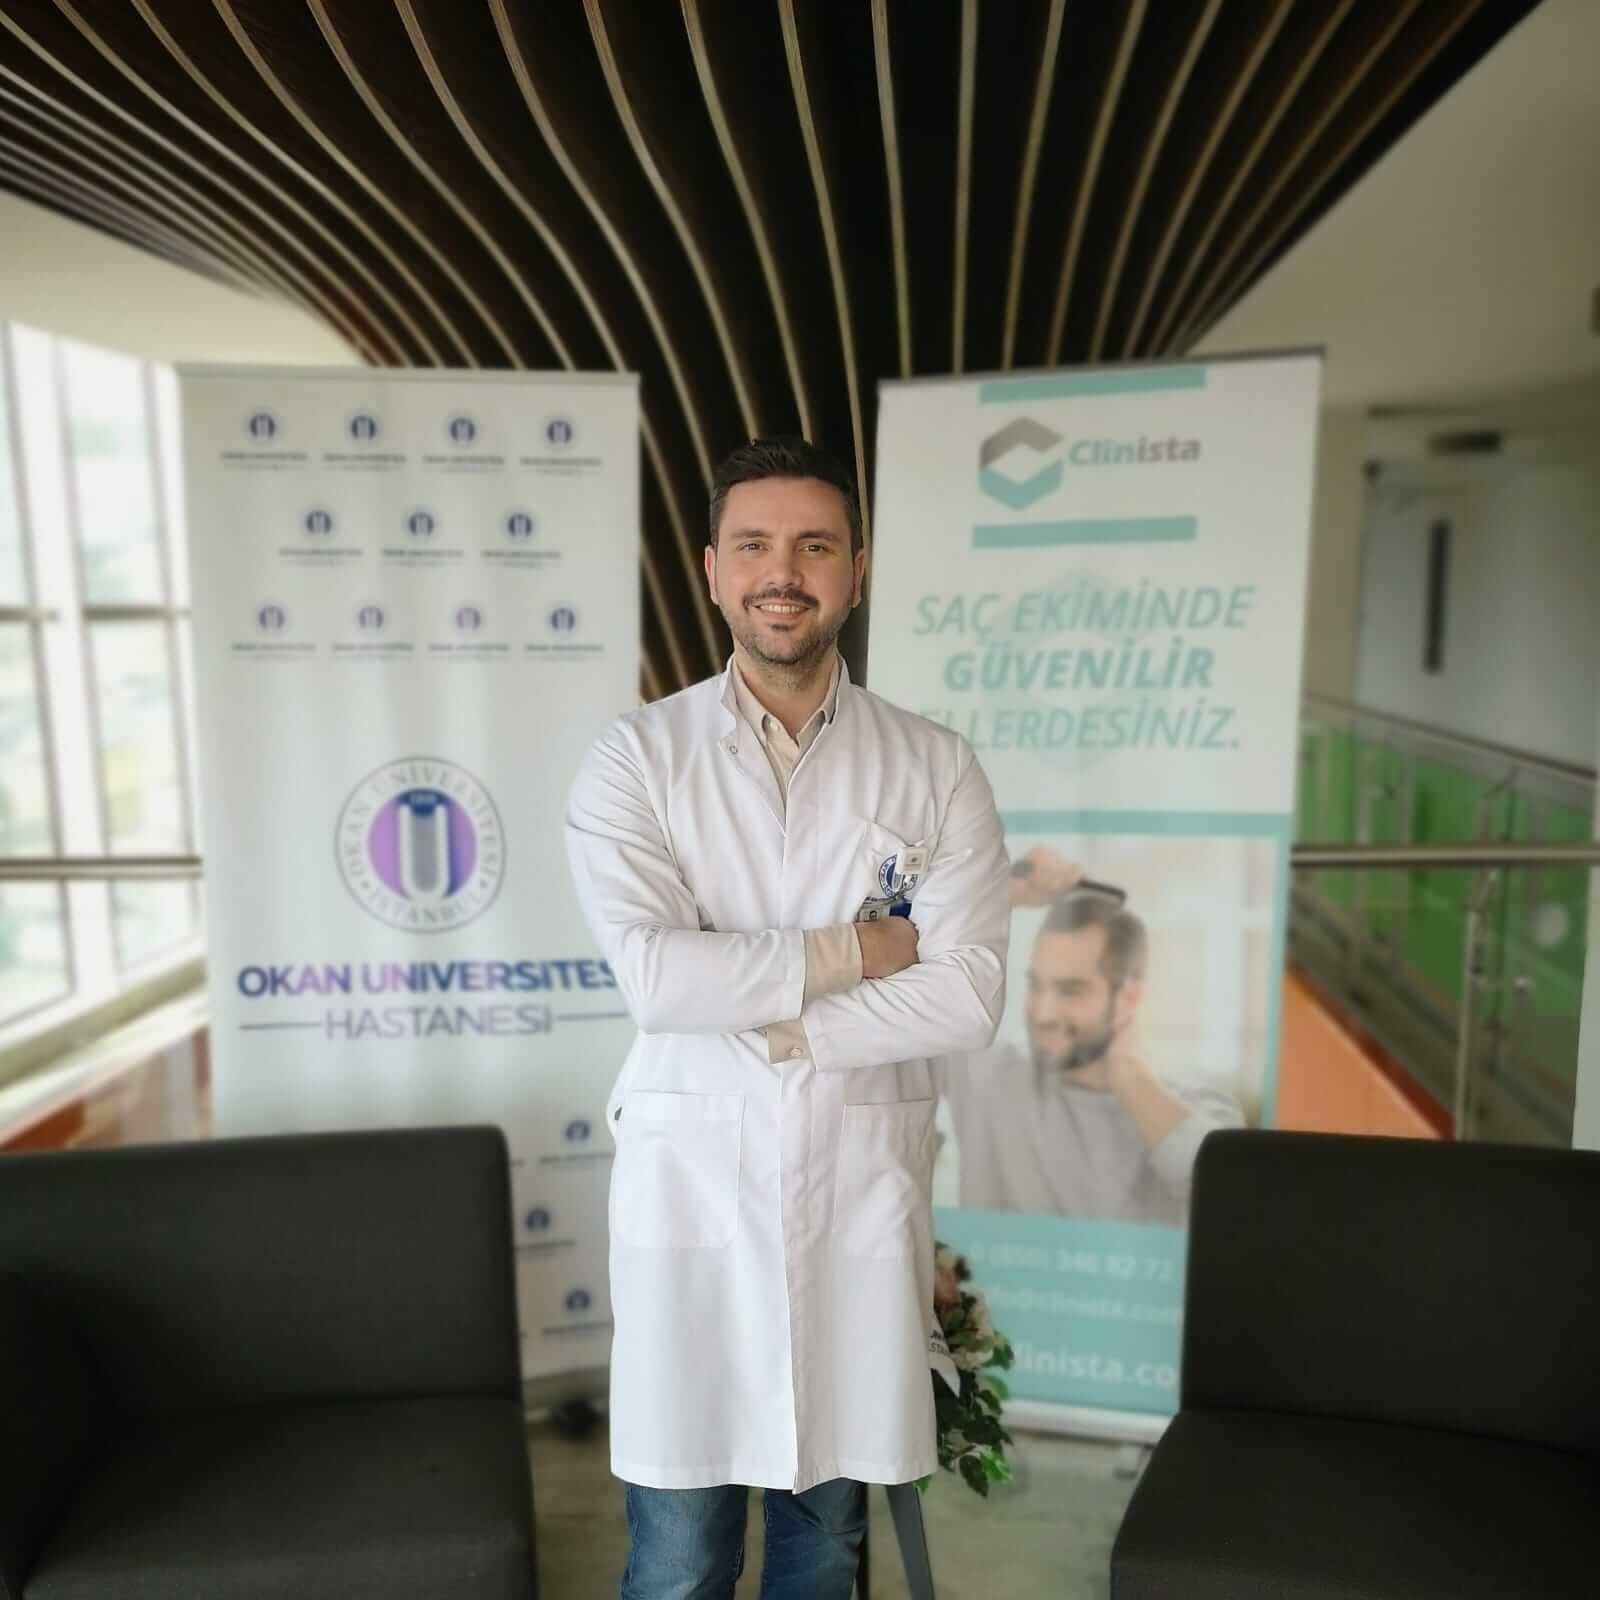 Dr. Onur Gürcan Ergen, PhD, MSc